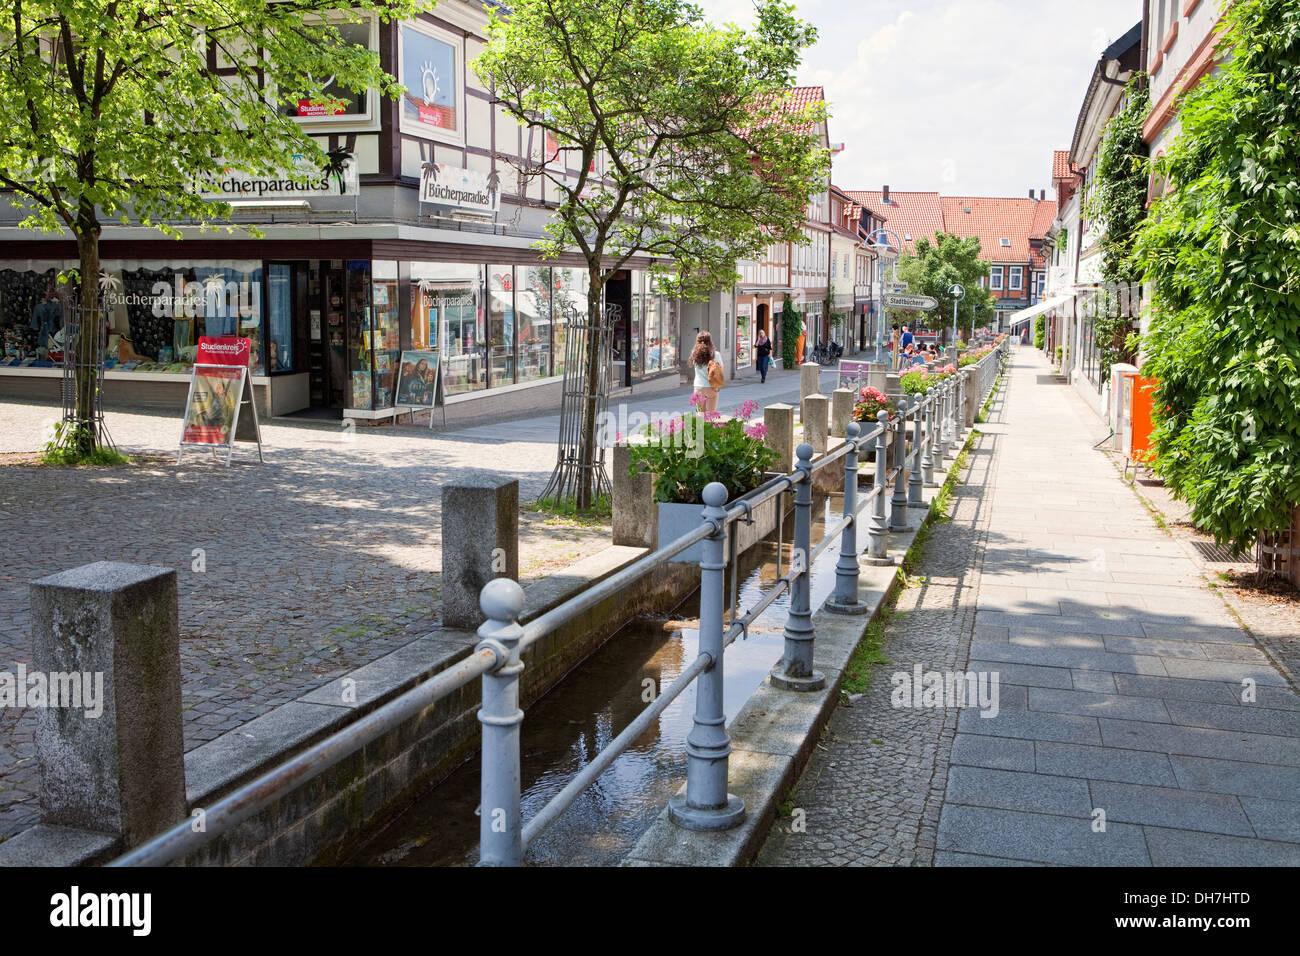 Marktstrasse, Alfeld, Leine, untere Sachsen, Deutschland, Europa Stockbild